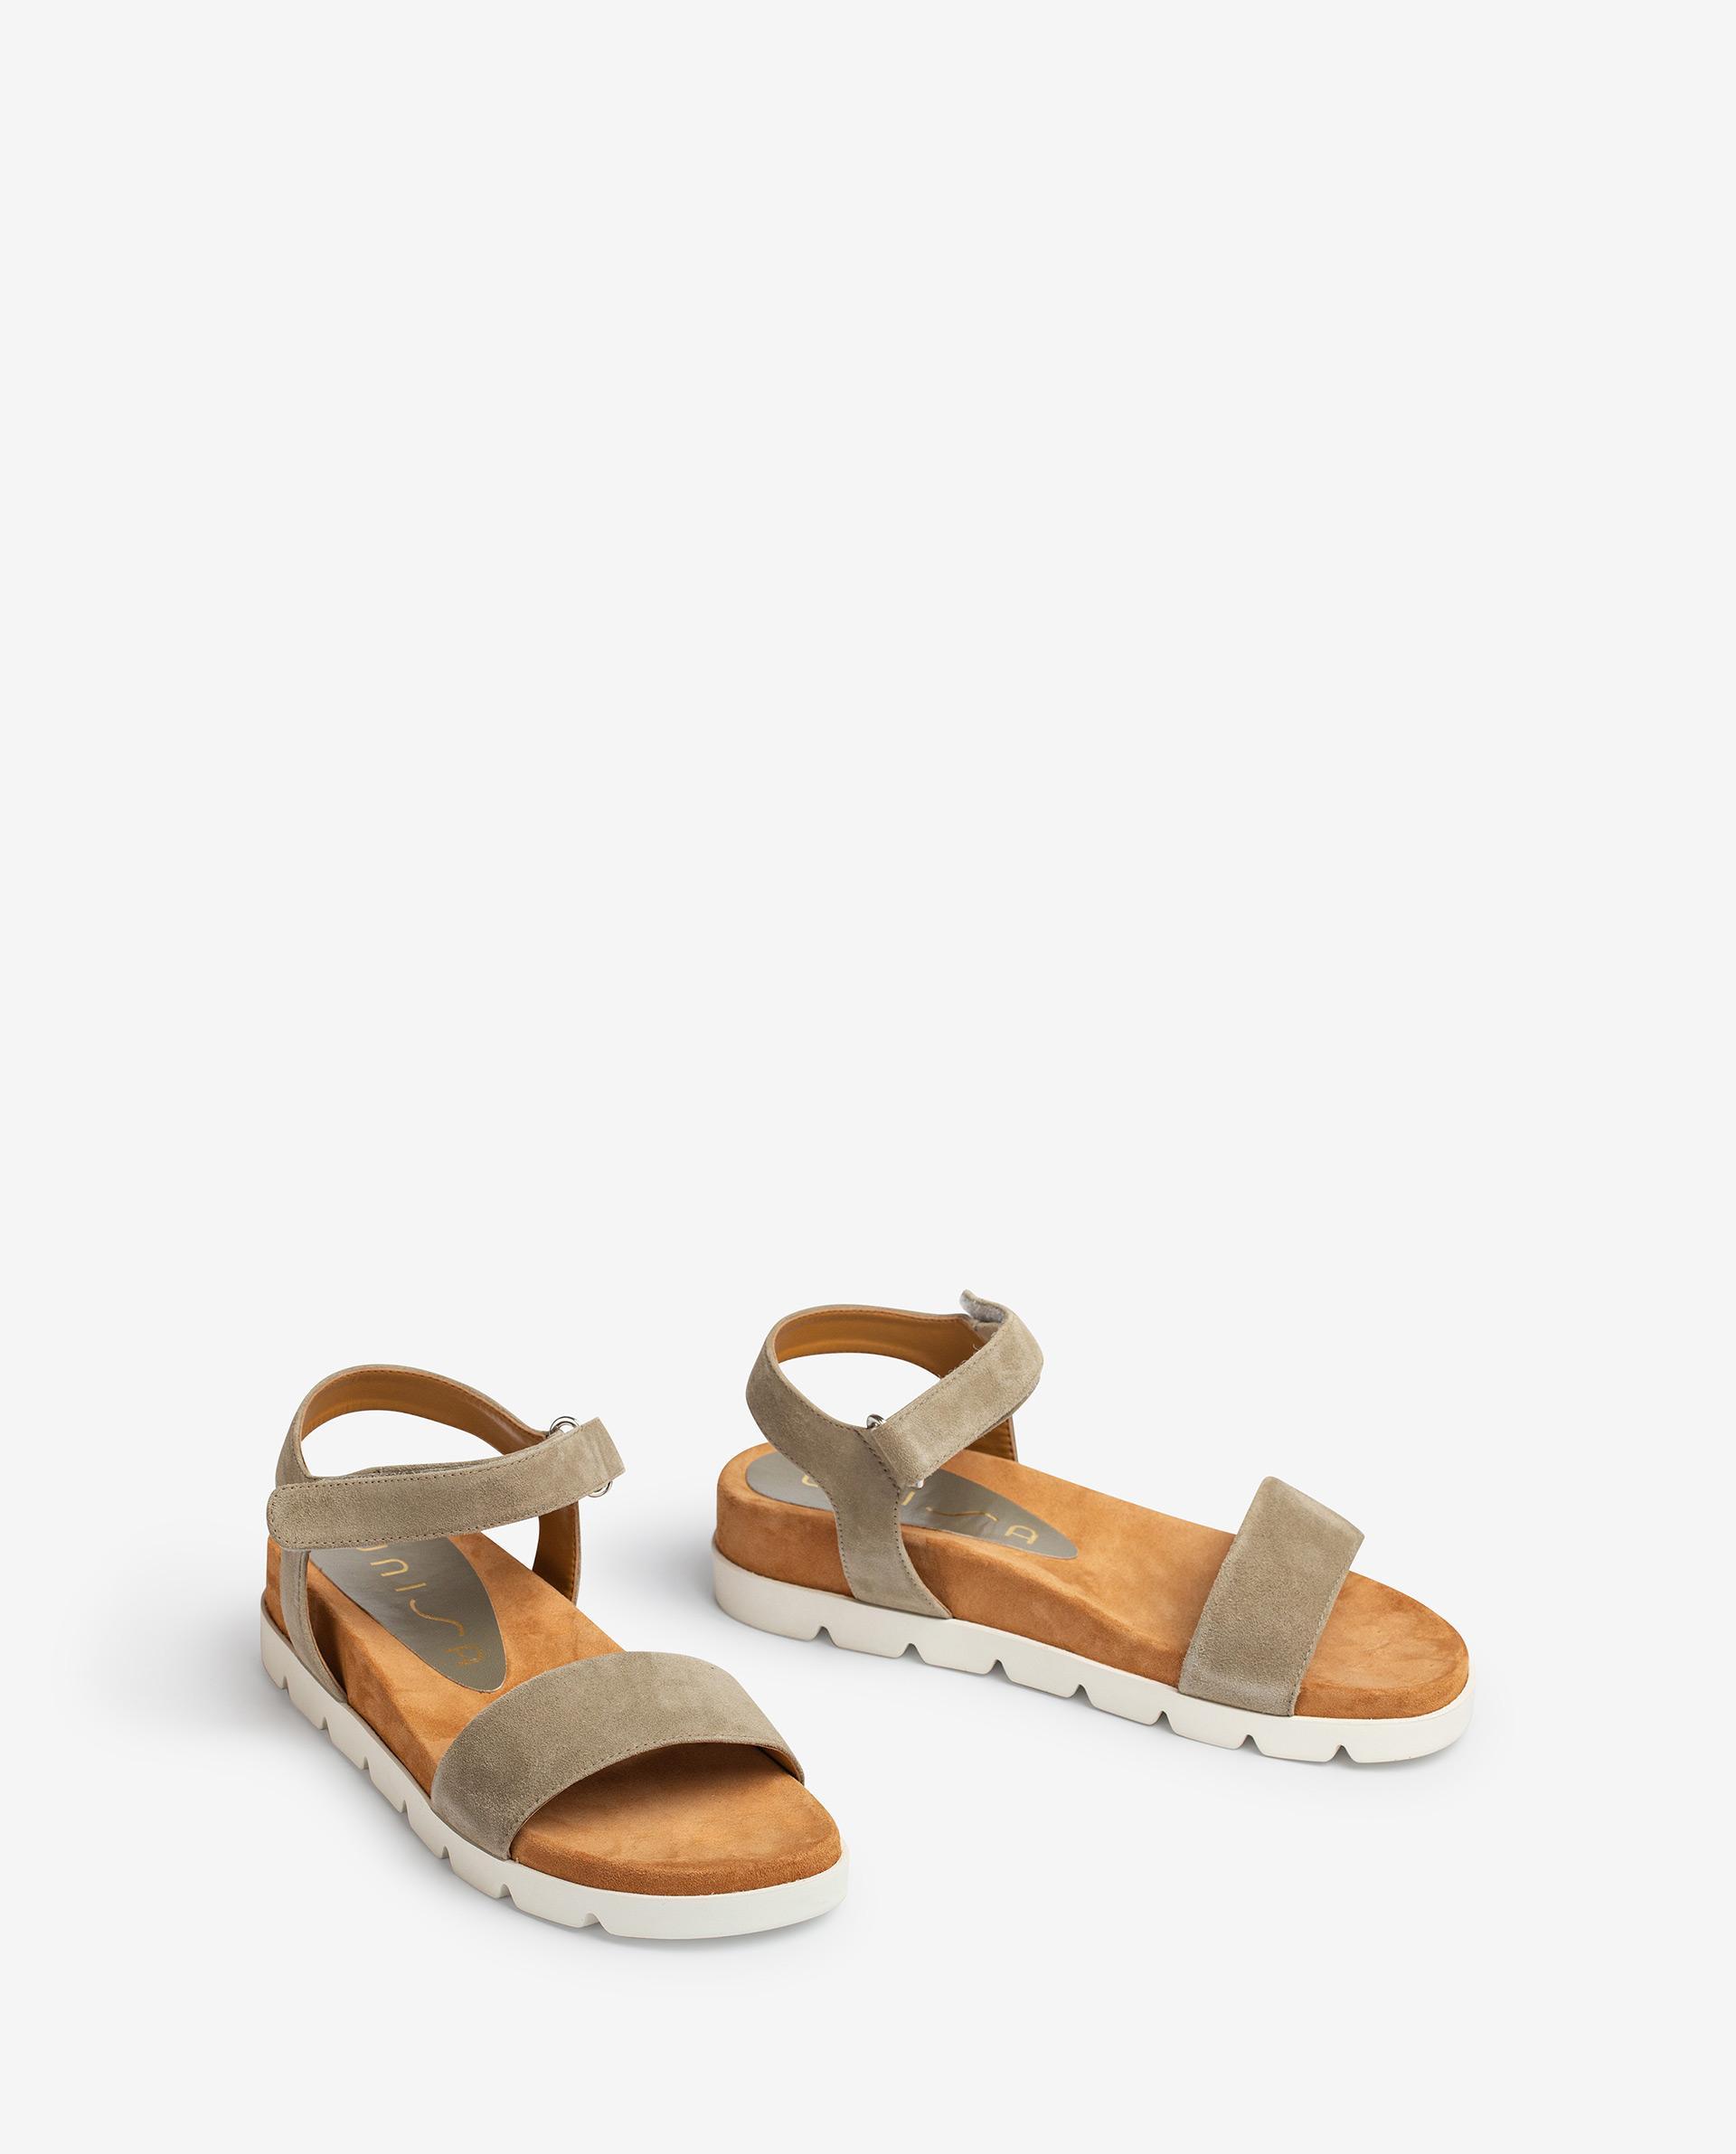 UNISA Kid suede sandals with hook and loop closure CEPEDA_KS 2